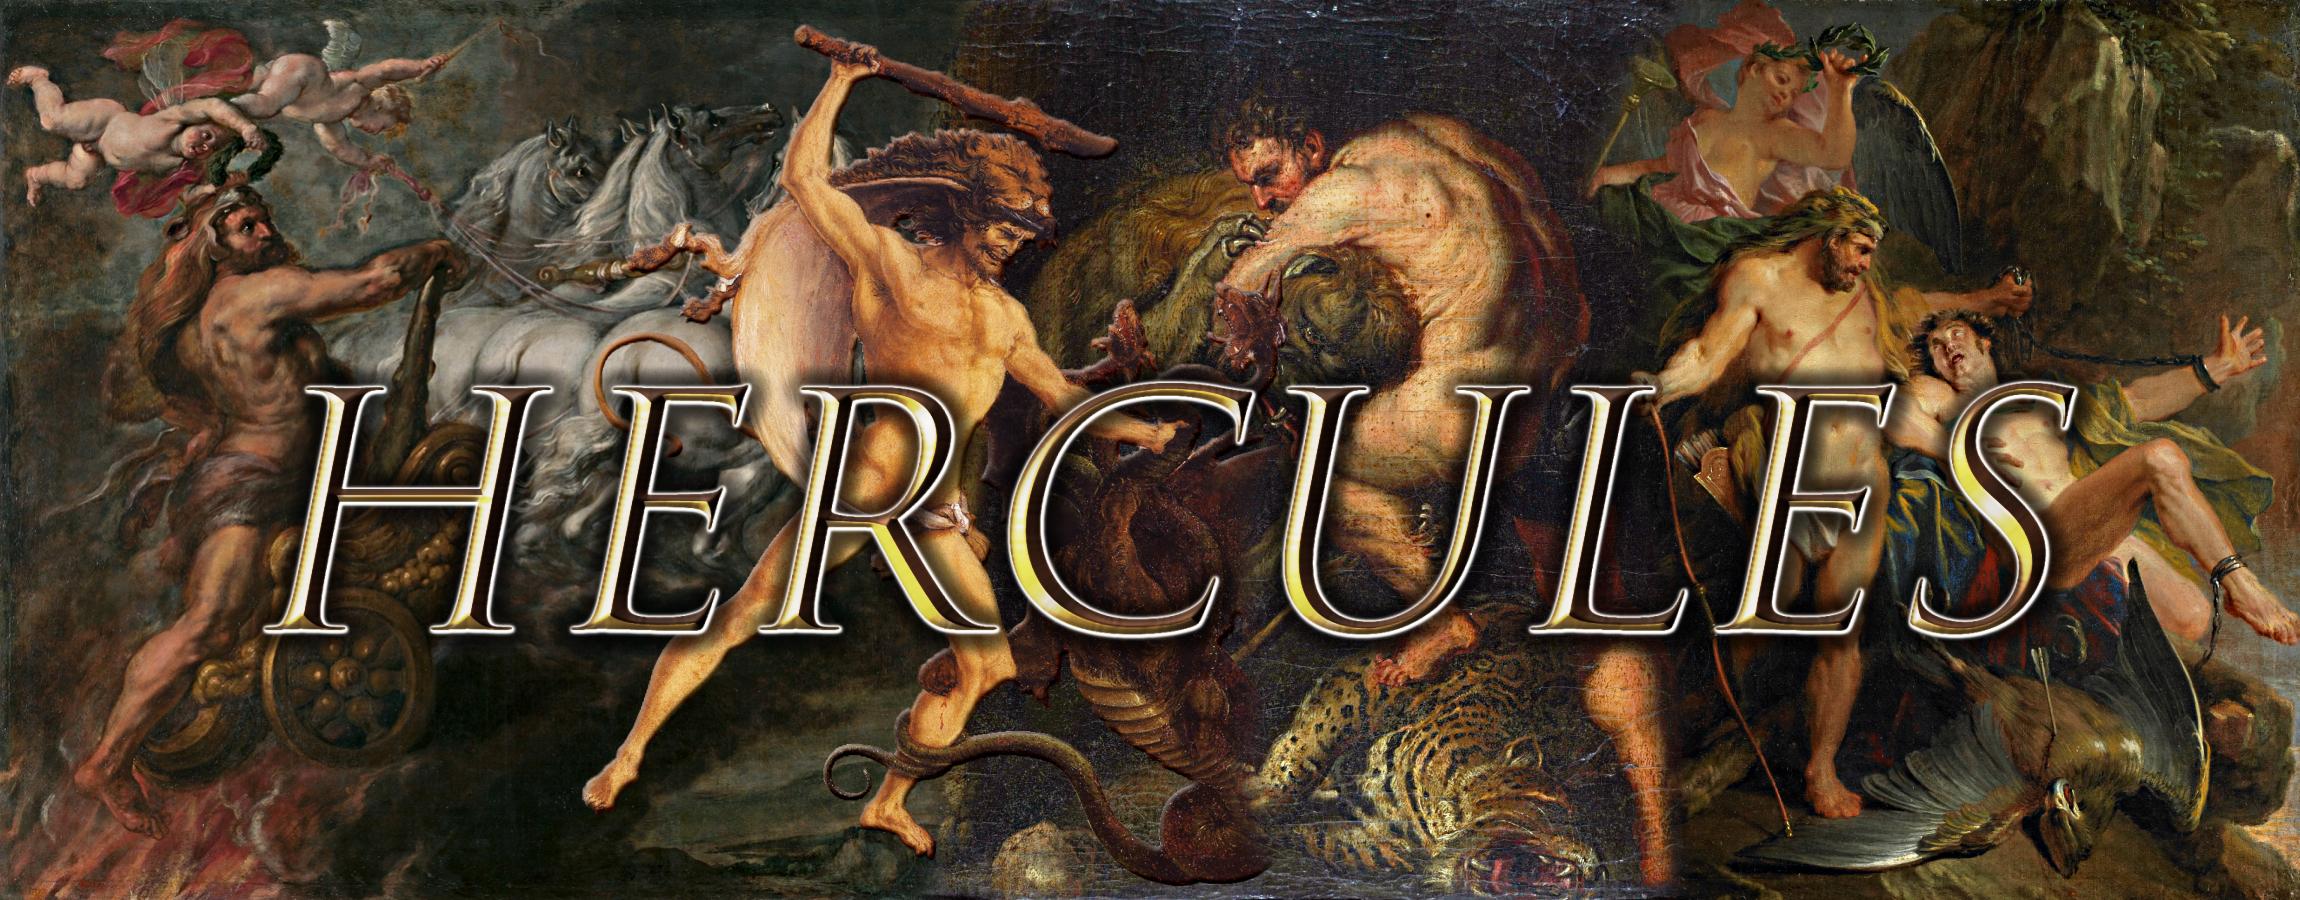 Hercules DnD 5e banner.jpg